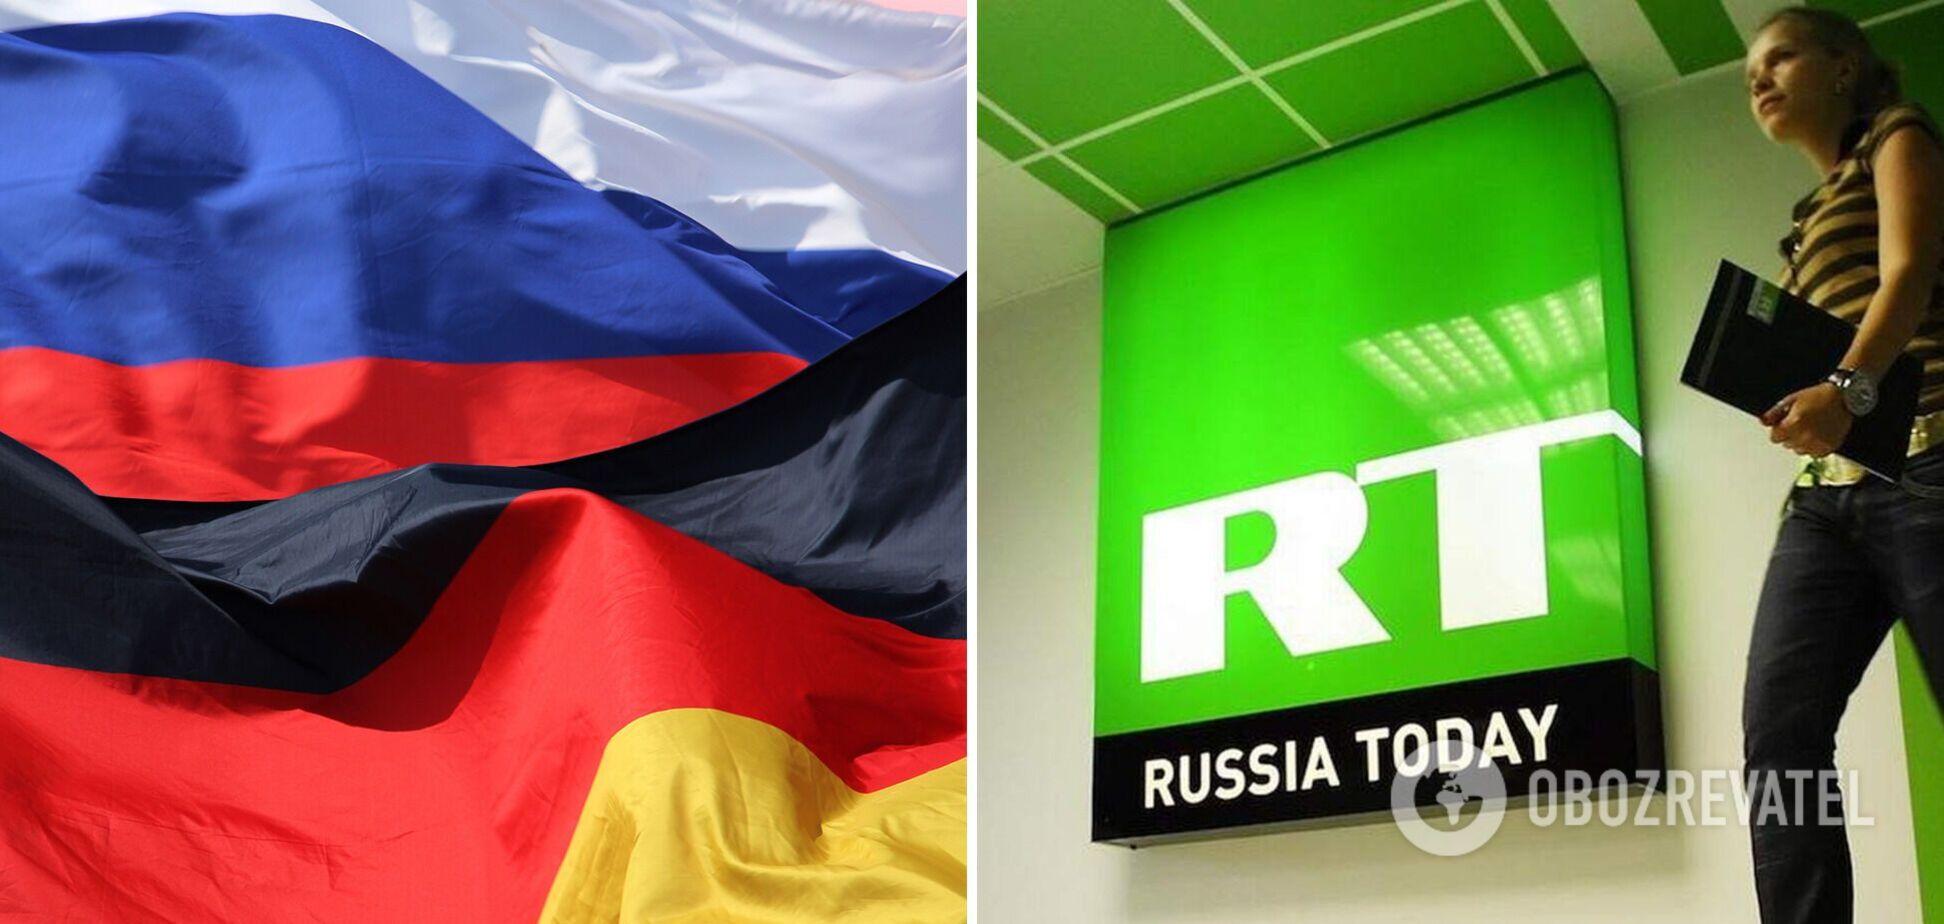 У Німеччині закривають рахунки пропагандистського Russia Today: Москва пригрозила відповіддю